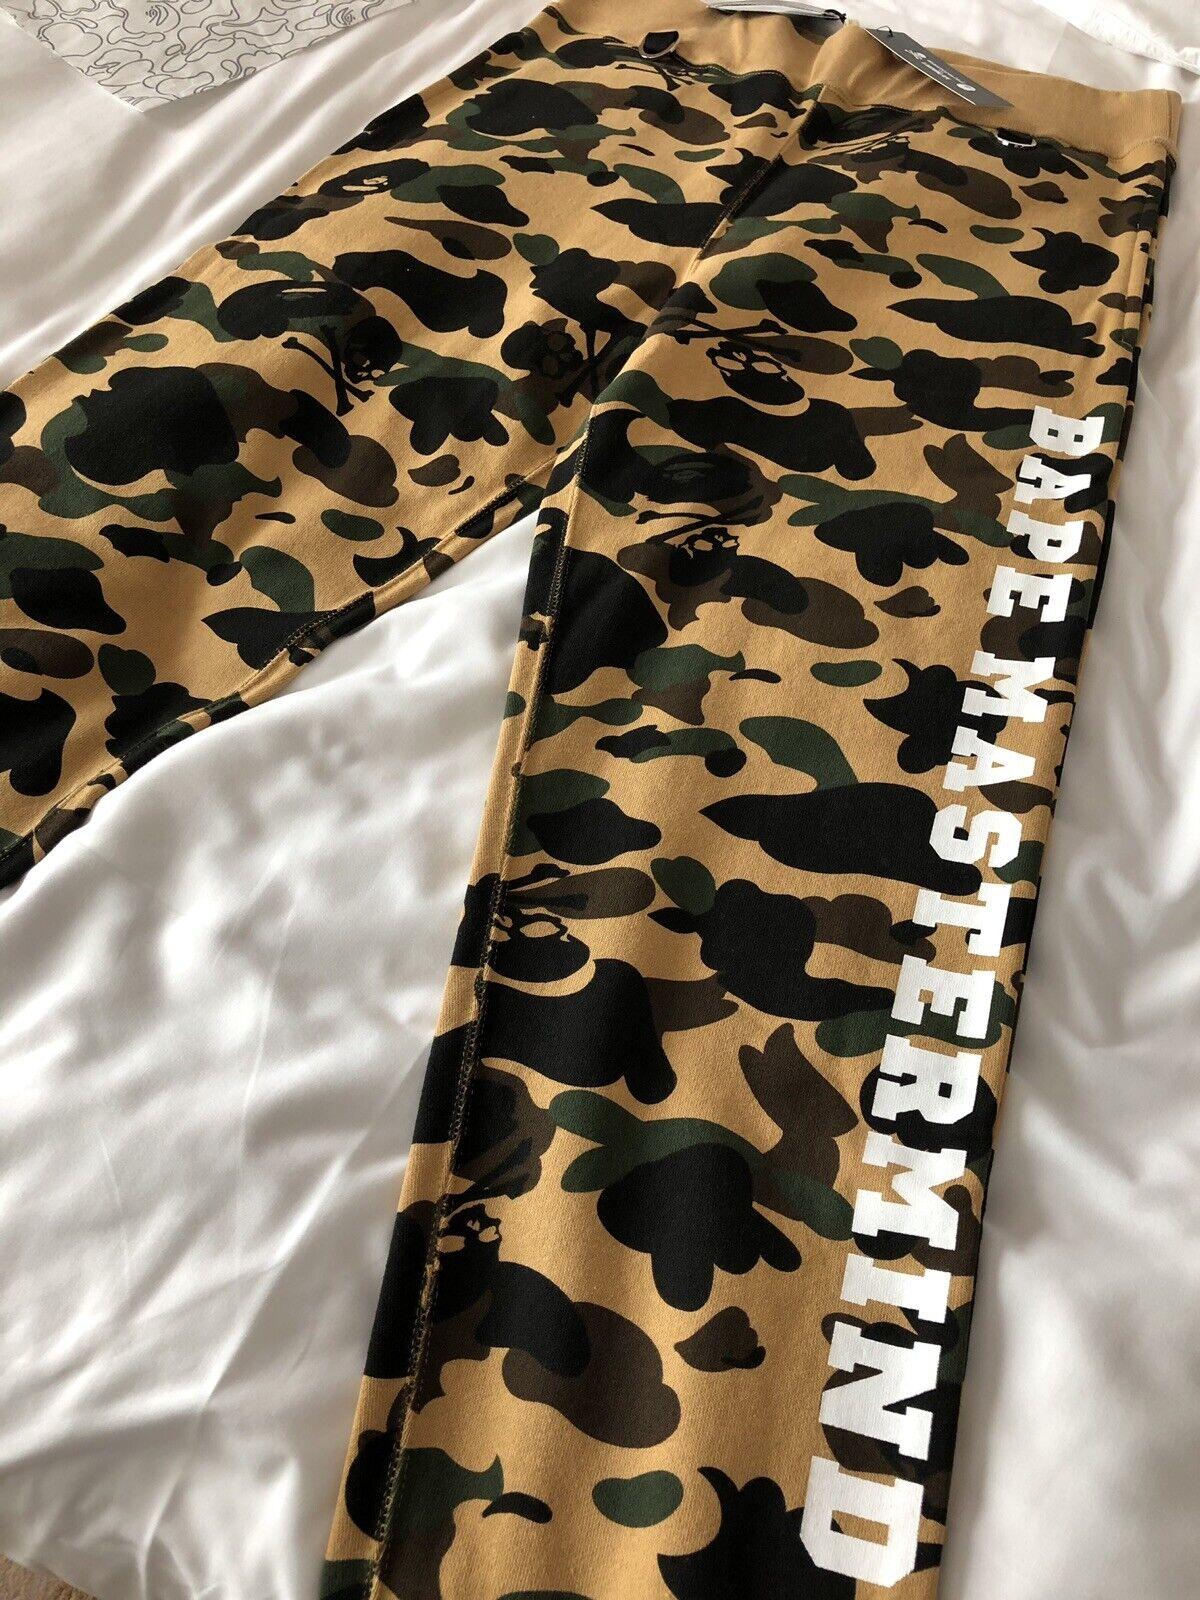 66fe5d71 March 2019 HK EXCLUSIVE mastermind vs A BATHING APE Bape Camo Pants Size XL